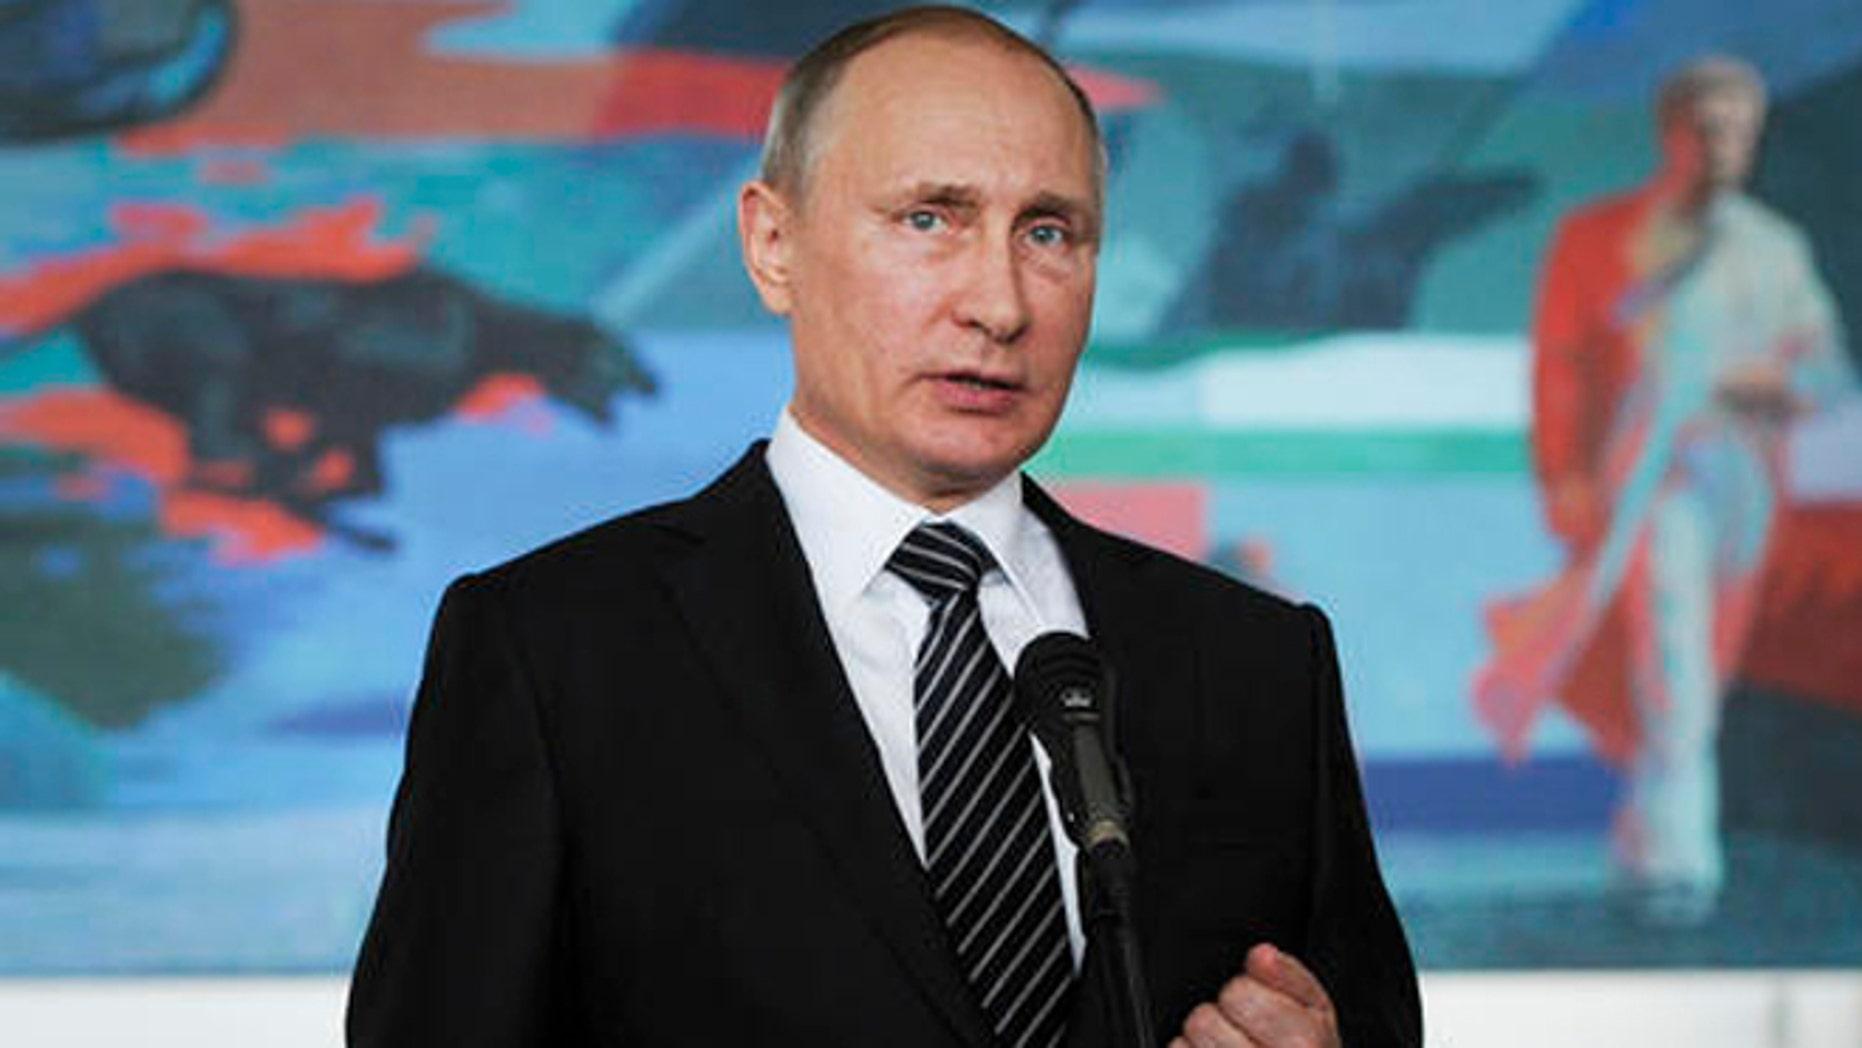 Russian President Vladimir Putin gestures while speaking during a news conference in Bishkek, Kyrgyzstan, Saturday. (Mikhail Klimentyev/Sputnik, Kremlin Pool Photo via AP)